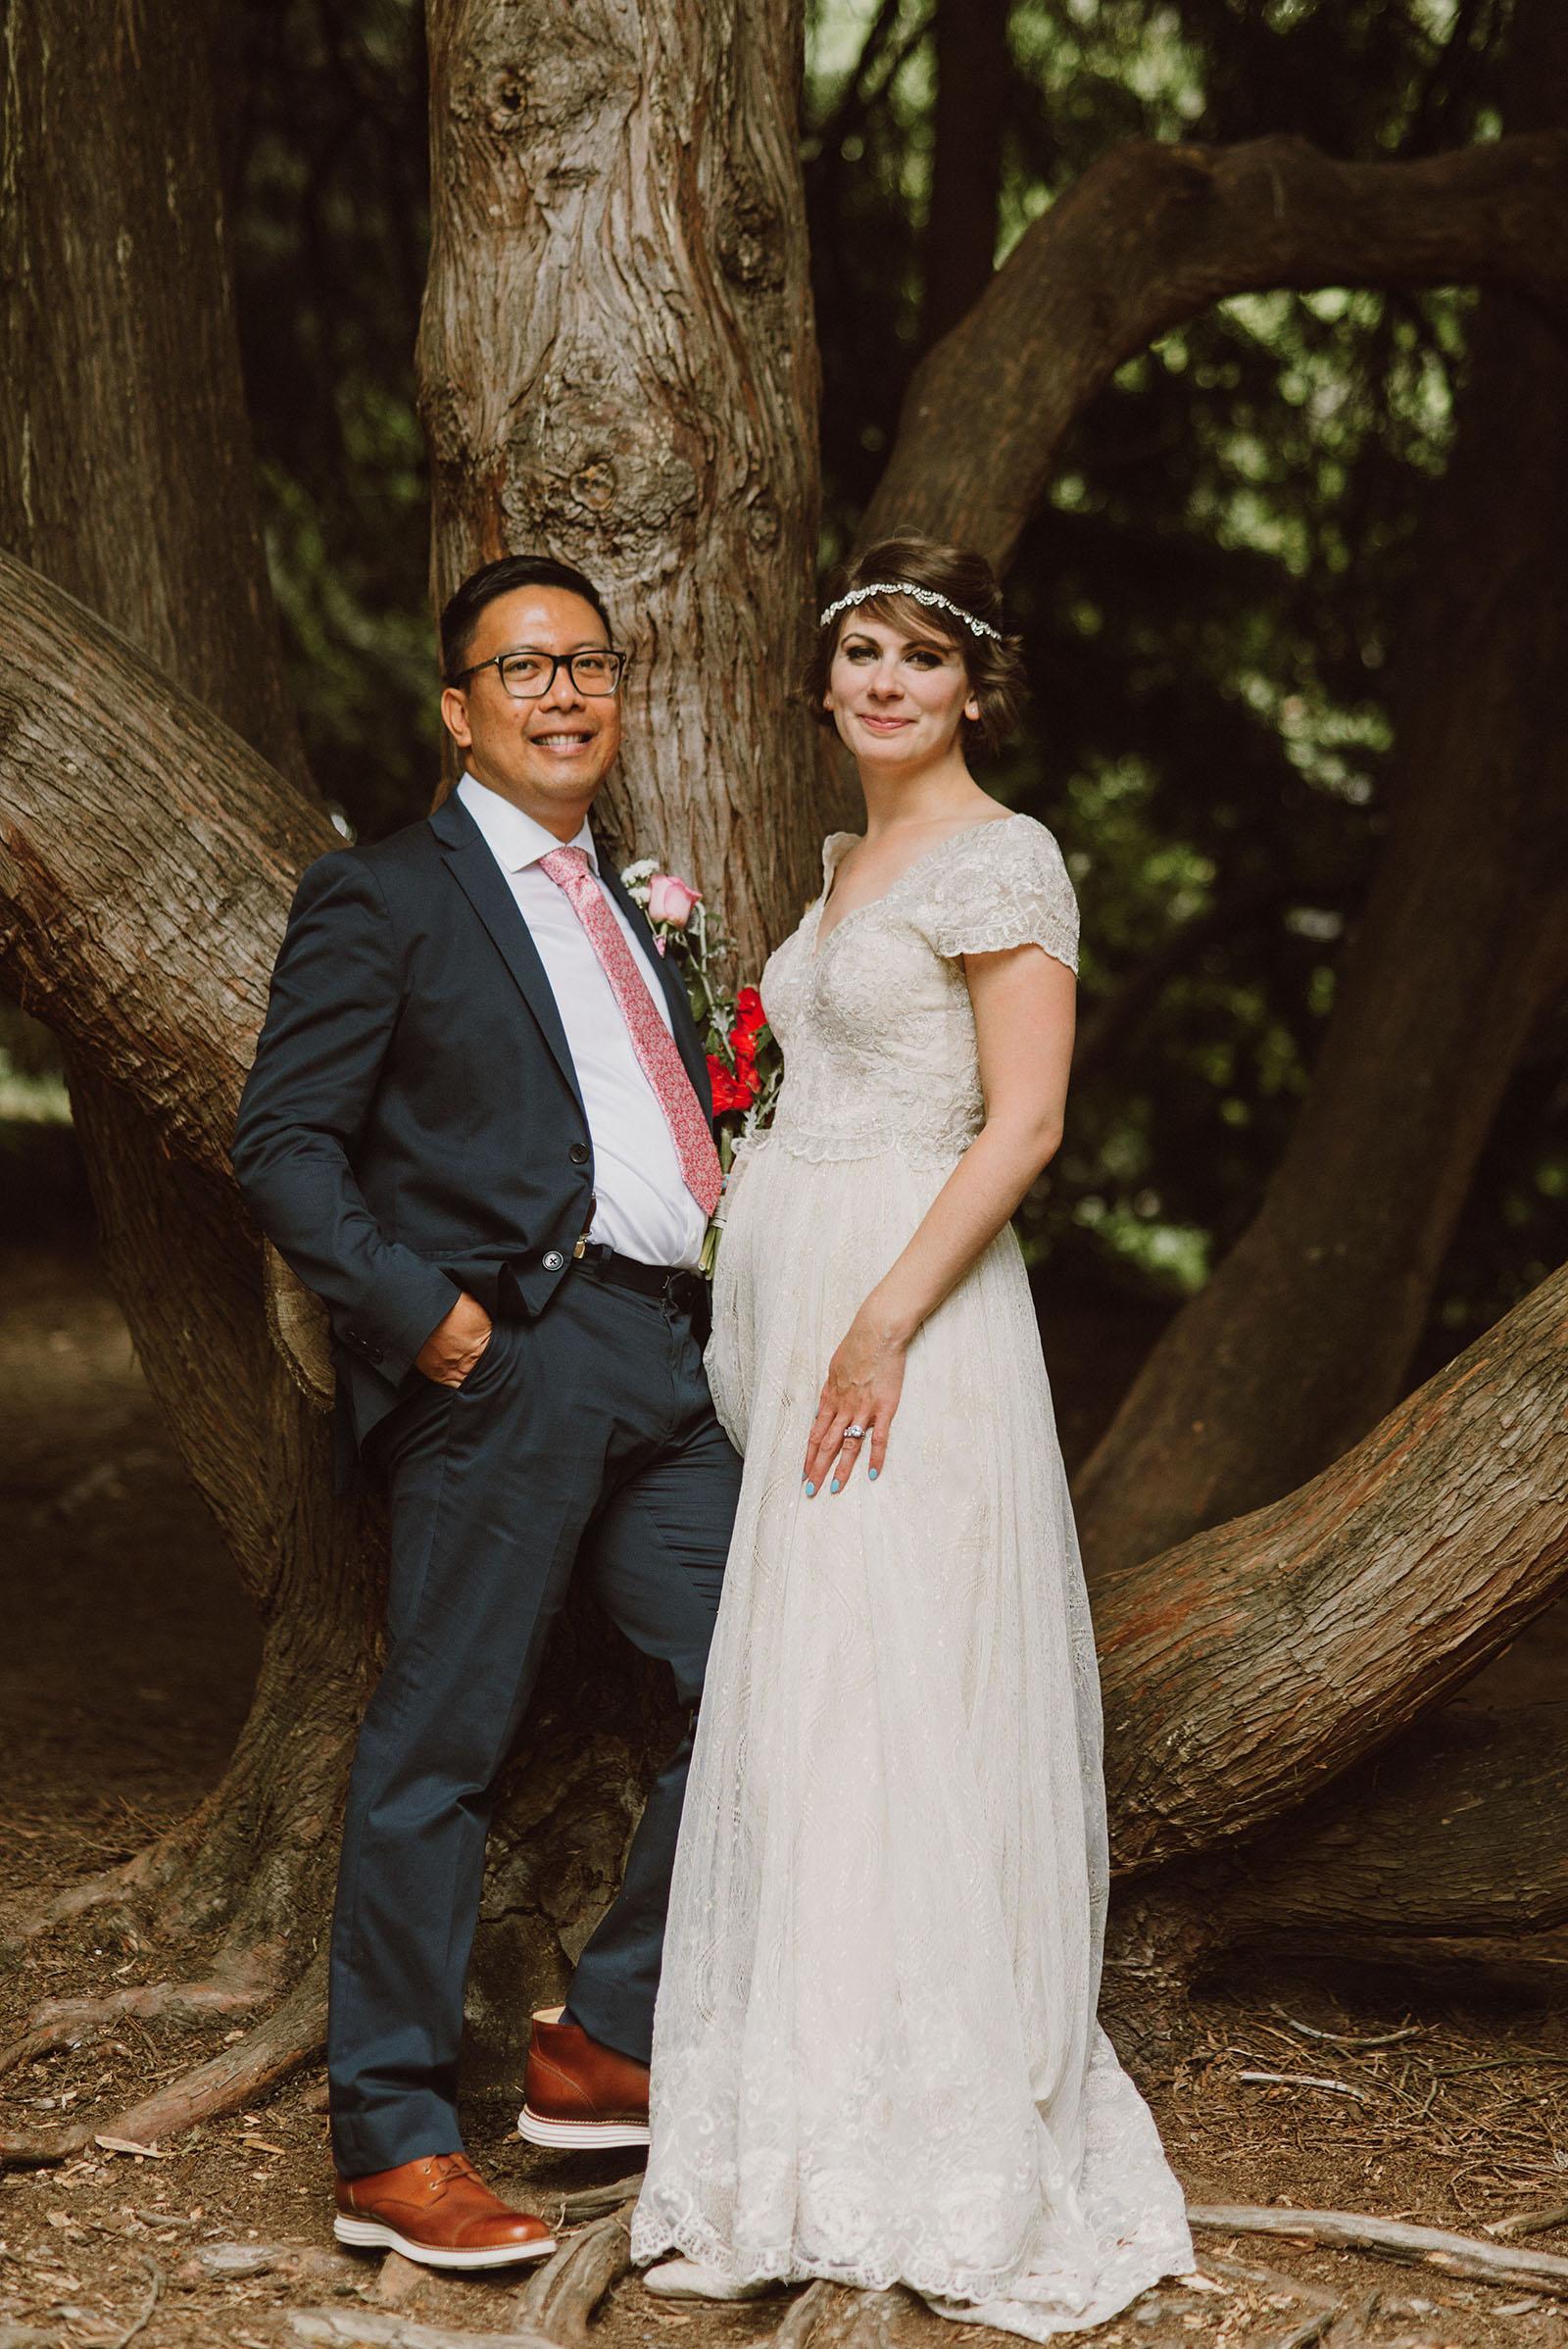 Bride and Groom portraits in Laurelhurst Park | Downtown Portland Elopement